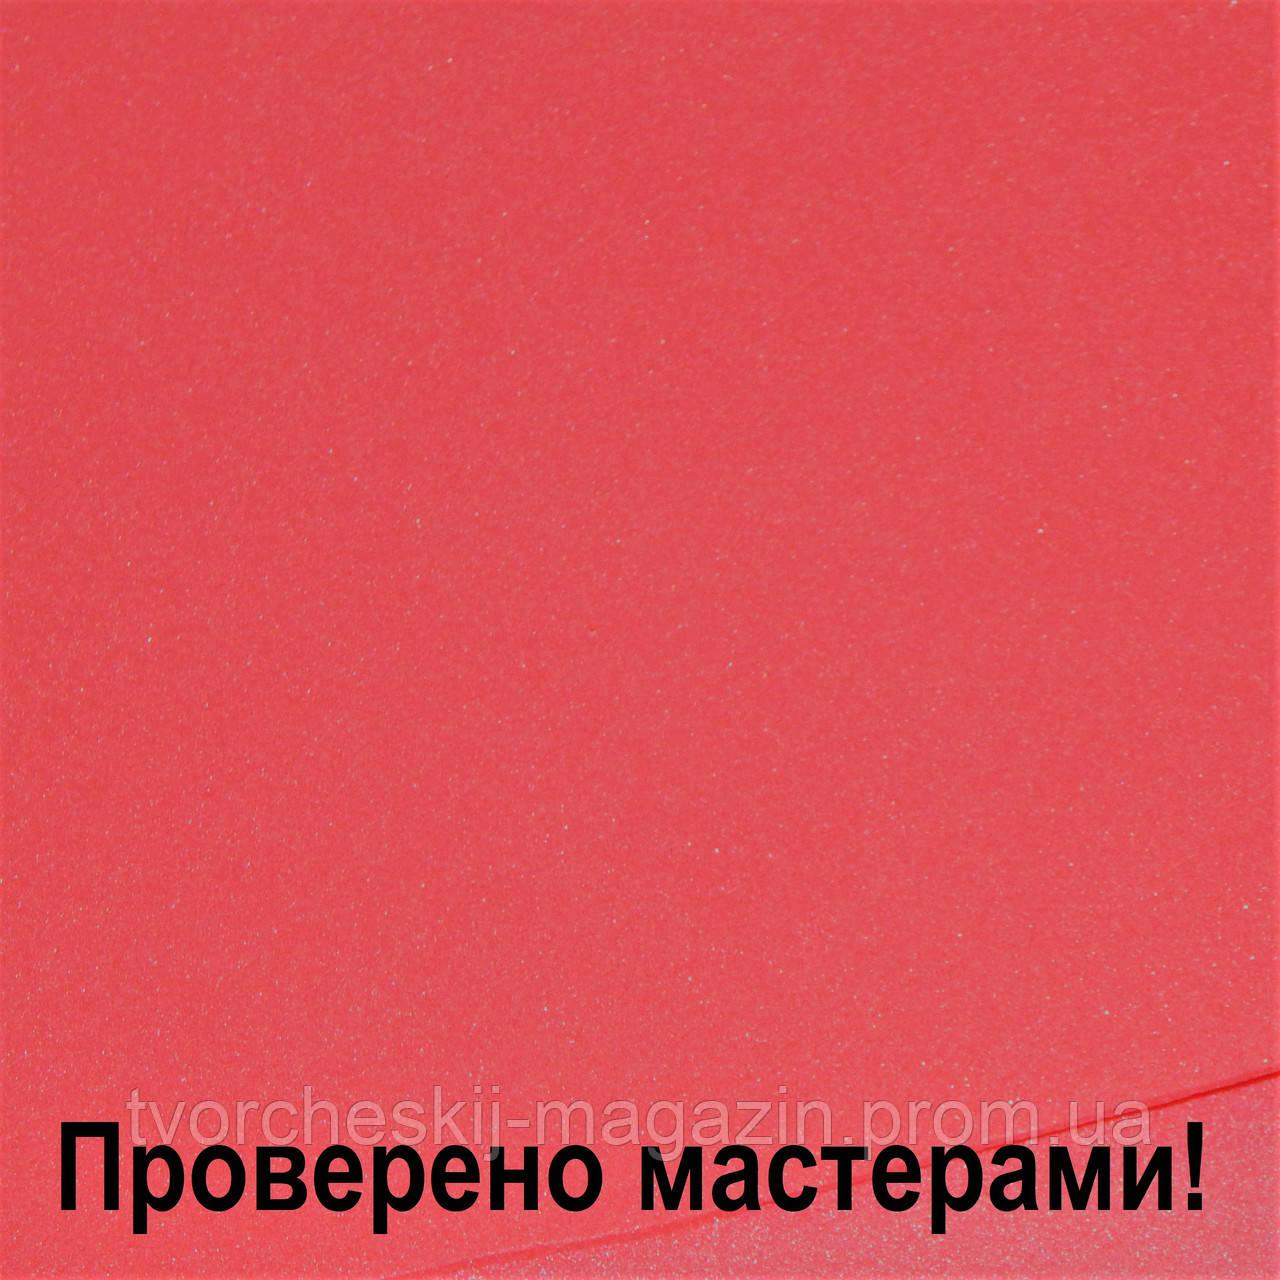 Фоамиран красный китайский 1мм 60 на 40 см (почти 4 листа А4)